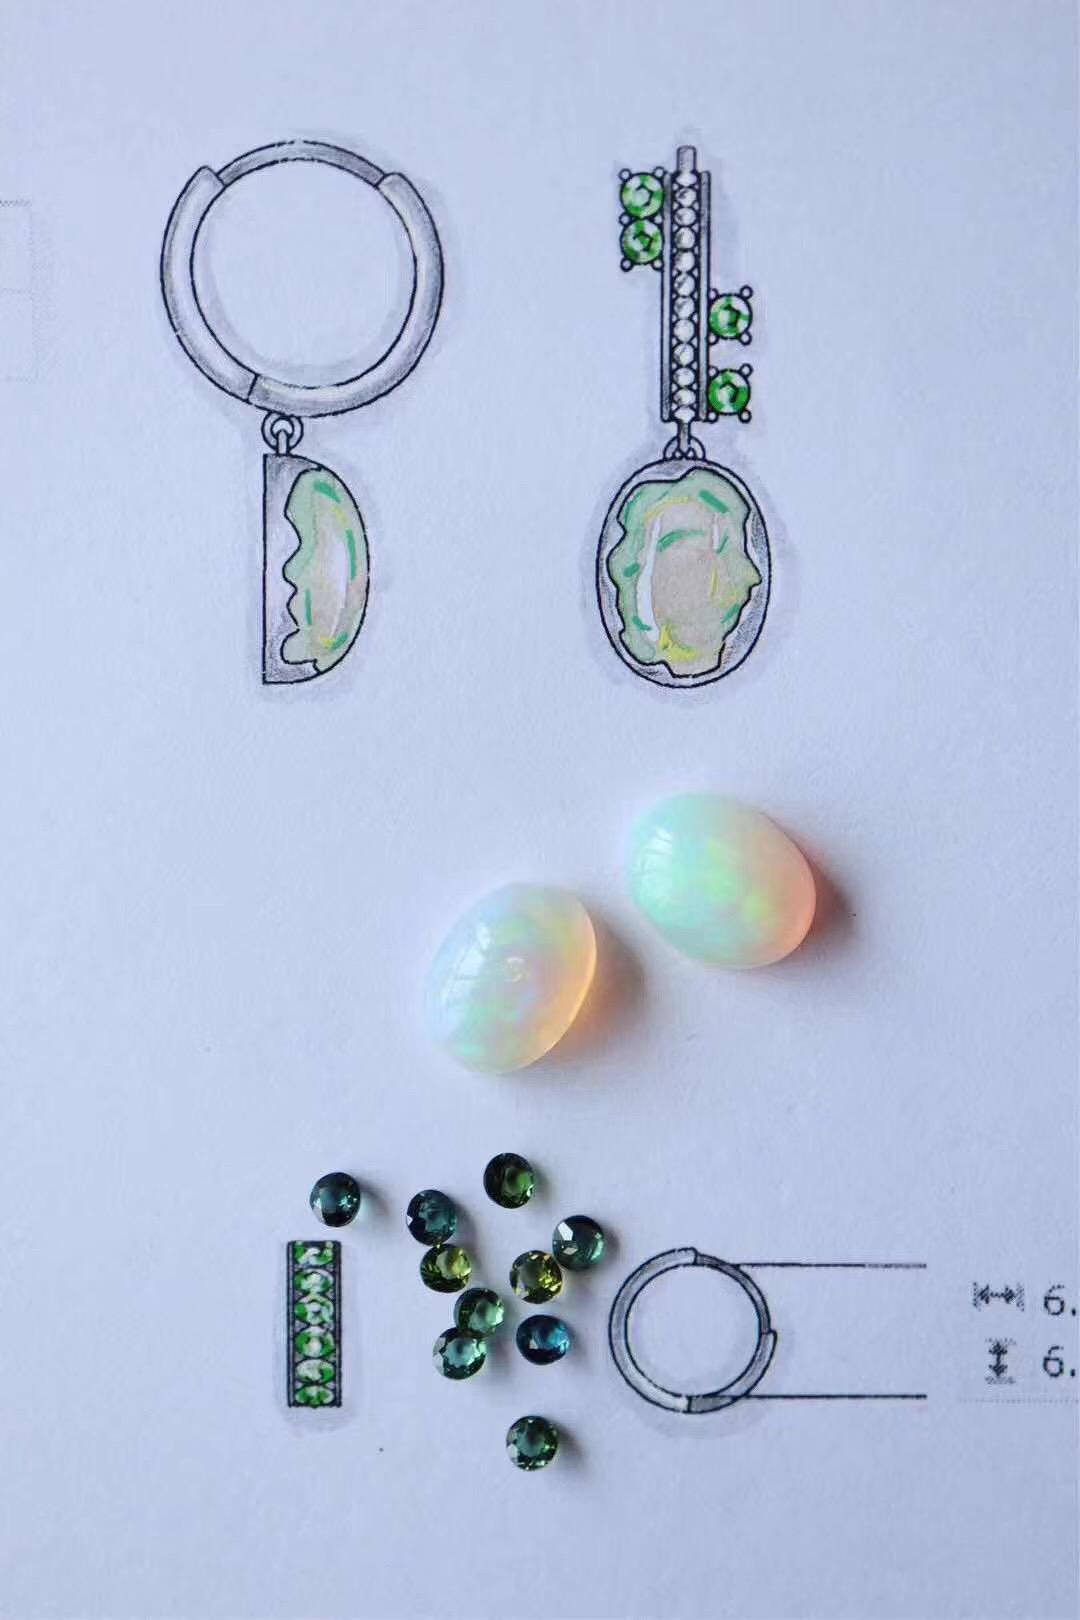 用绿碧玺和欧泊石定个耳环-菩心晶舍